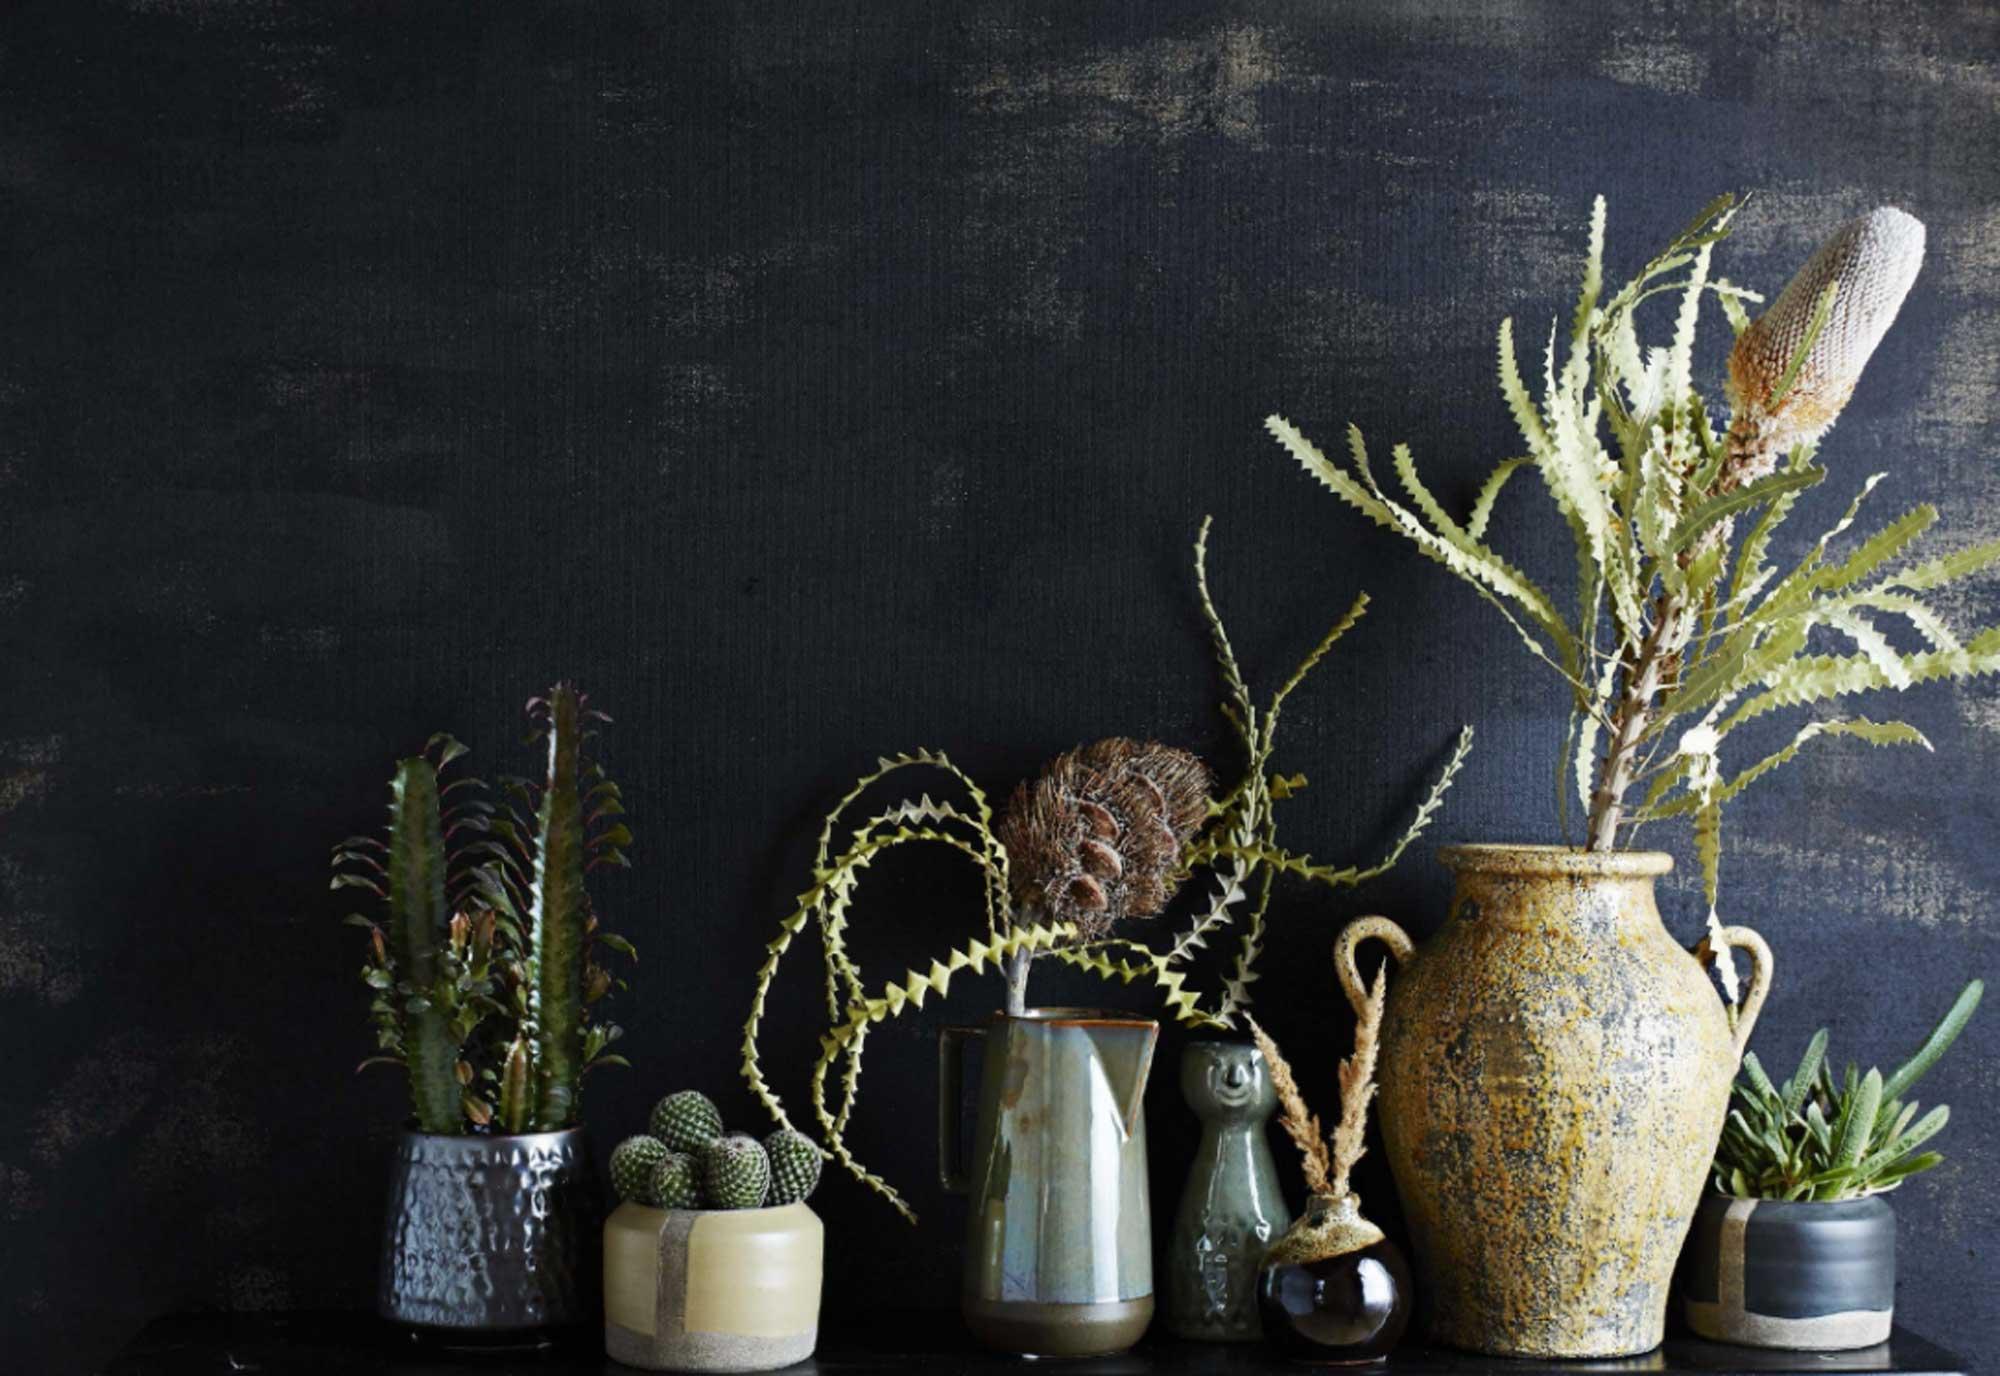 Stenen vazen - Planten - Cactus - Karaf